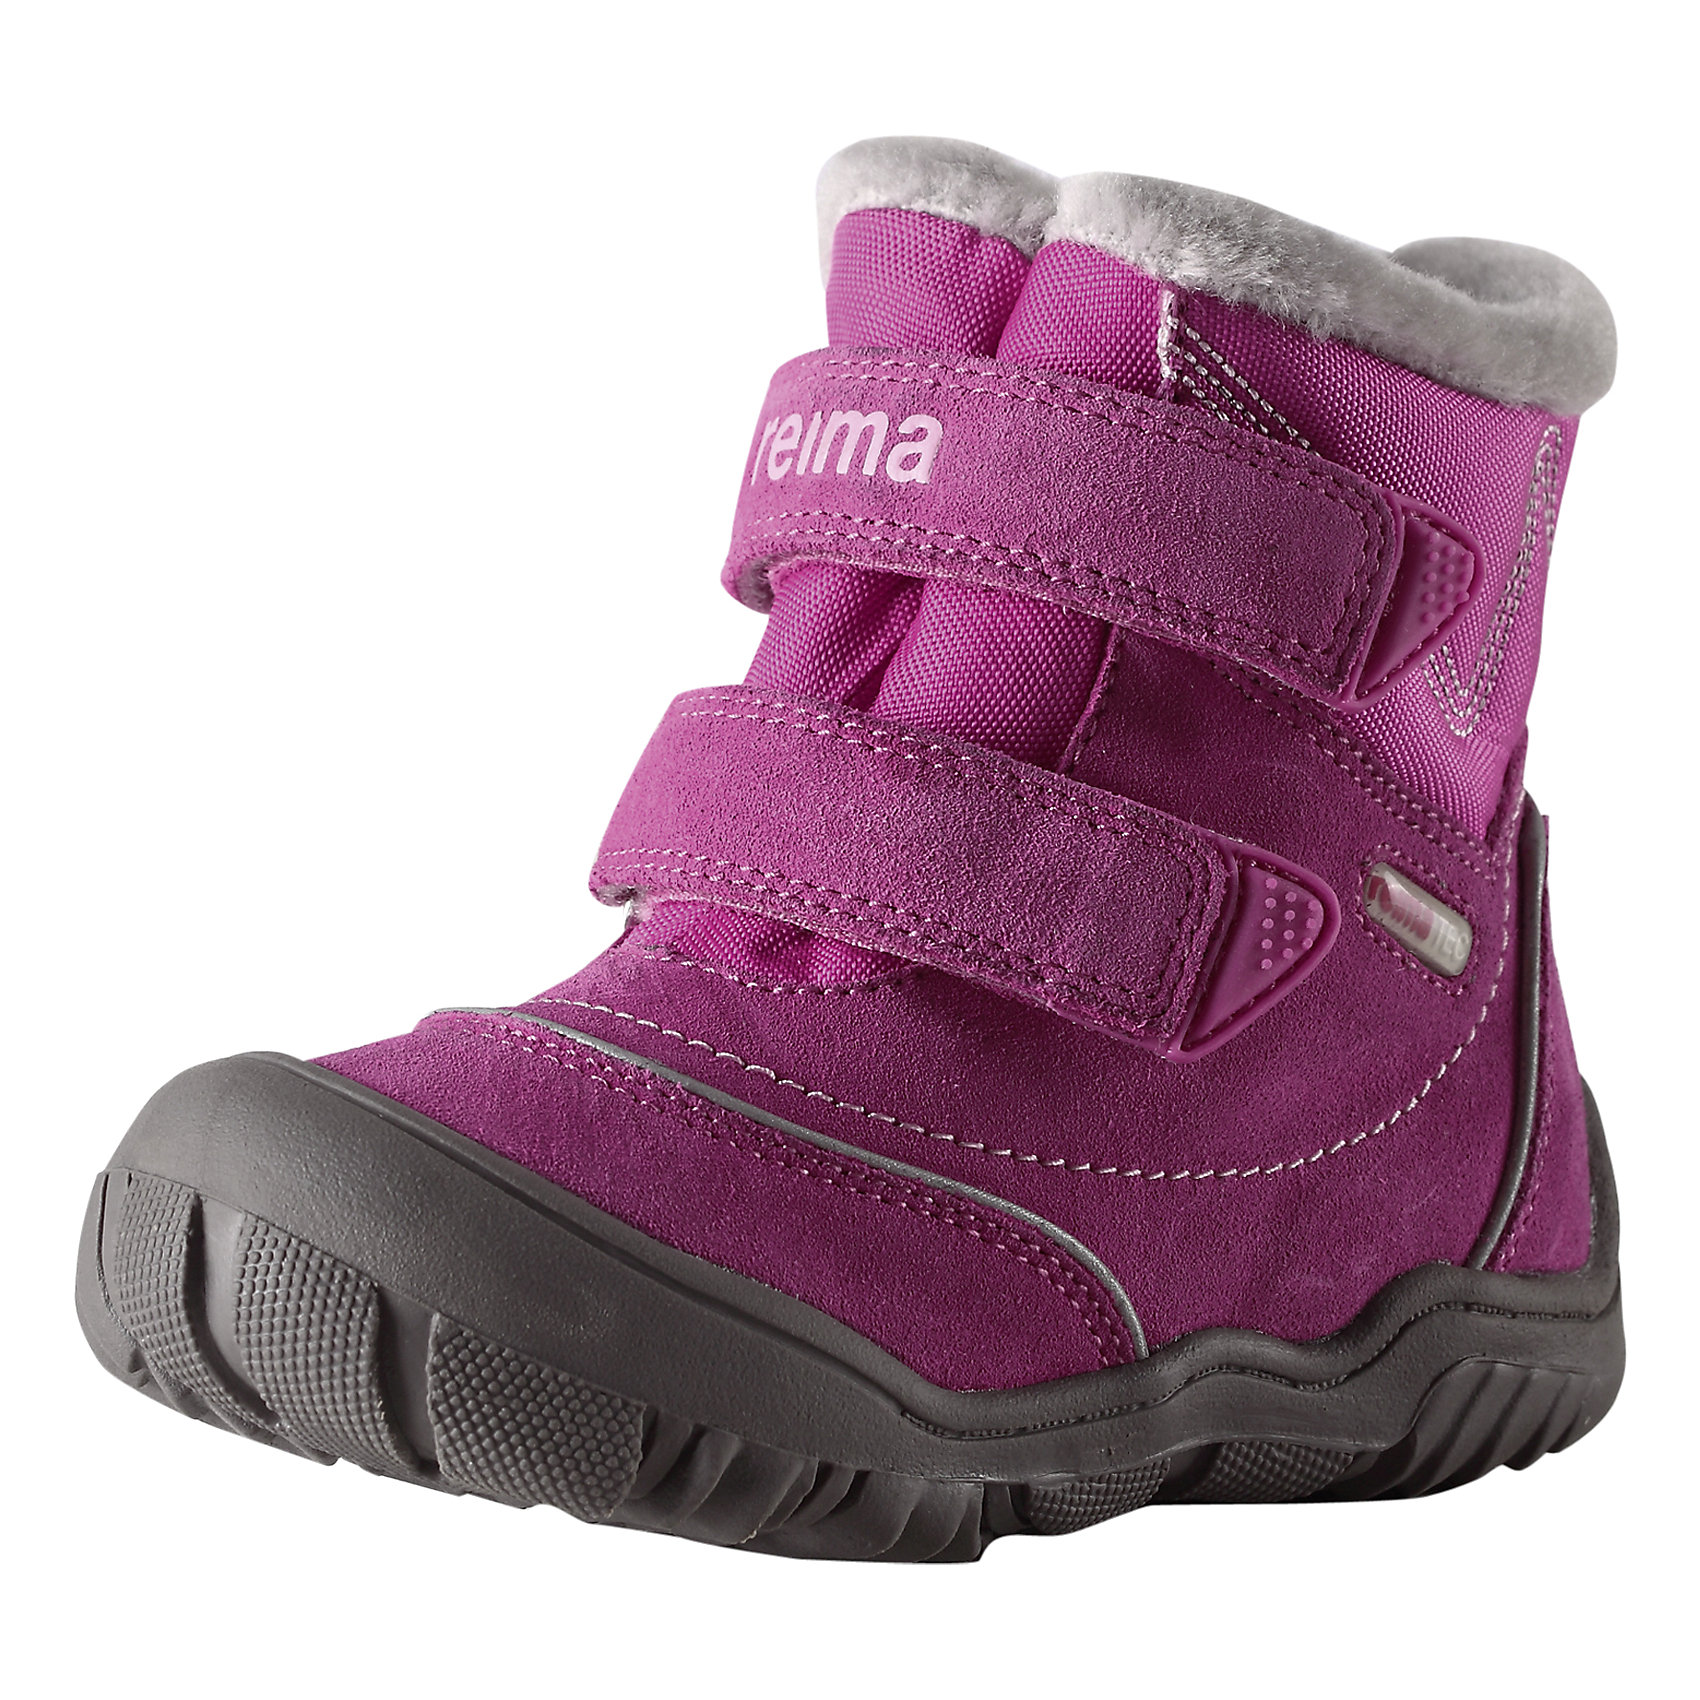 Ботинки Reimatec для девочки ReimaПоднимем себе настроение в пасмурное время года! В этих спортивных зимних ботинках для детей двигаться вперёд очень легко! Края подошвы подогнуты вверх и закрывают область пальцев, чтобы защитить ботинки от ударов и царапин. Благодаря водонепроницаемой подкладке ребёнок может долго играть на улице даже в мокрую погоду, а стельки из фетра и текстильный мех обеспечивают дополнительное тепло в морозы. Стельки вынимаются, на стельках удобный рисунок Happy Fit, который помогает правильно определить размер и измерить быстро растущую ножку ребёнка. Обратите внимание на забавную светоотражающую деталь на заднике - незаменима для безопасности в темноте.<br><br>Дополнительная информация:<br><br>Температурный режим: до -20<br>Средняя степень утепления<br>Водонепроницаемые зимние ботинки Reimatec® для малышей на подкладке из текстильного меха<br>Верх из натуральной замши и текстиля<br>Разработано для нормального роста детских ножек<br>Чашеобразная форма подошвы из термопластичного каучука защищает область пальцев<br>Стельки вынимаются, рисунок Happy Fit помогает правильно определить размер ноги<br>Светоотражающие детали для дополнительной безопасности<br>Состав: Подошва: термопластичная резина, Верх: 70% Кожа 30% Полиэстер<br><br>Ботинки Reimatec Reima (Рейматек Рейма) можно купить в нашем магазине.<br><br>Ширина мм: 262<br>Глубина мм: 176<br>Высота мм: 97<br>Вес г: 427<br>Цвет: розовый<br>Возраст от месяцев: 12<br>Возраст до месяцев: 15<br>Пол: Женский<br>Возраст: Детский<br>Размер: 21,23,22,24,25,26,20<br>SKU: 4385281